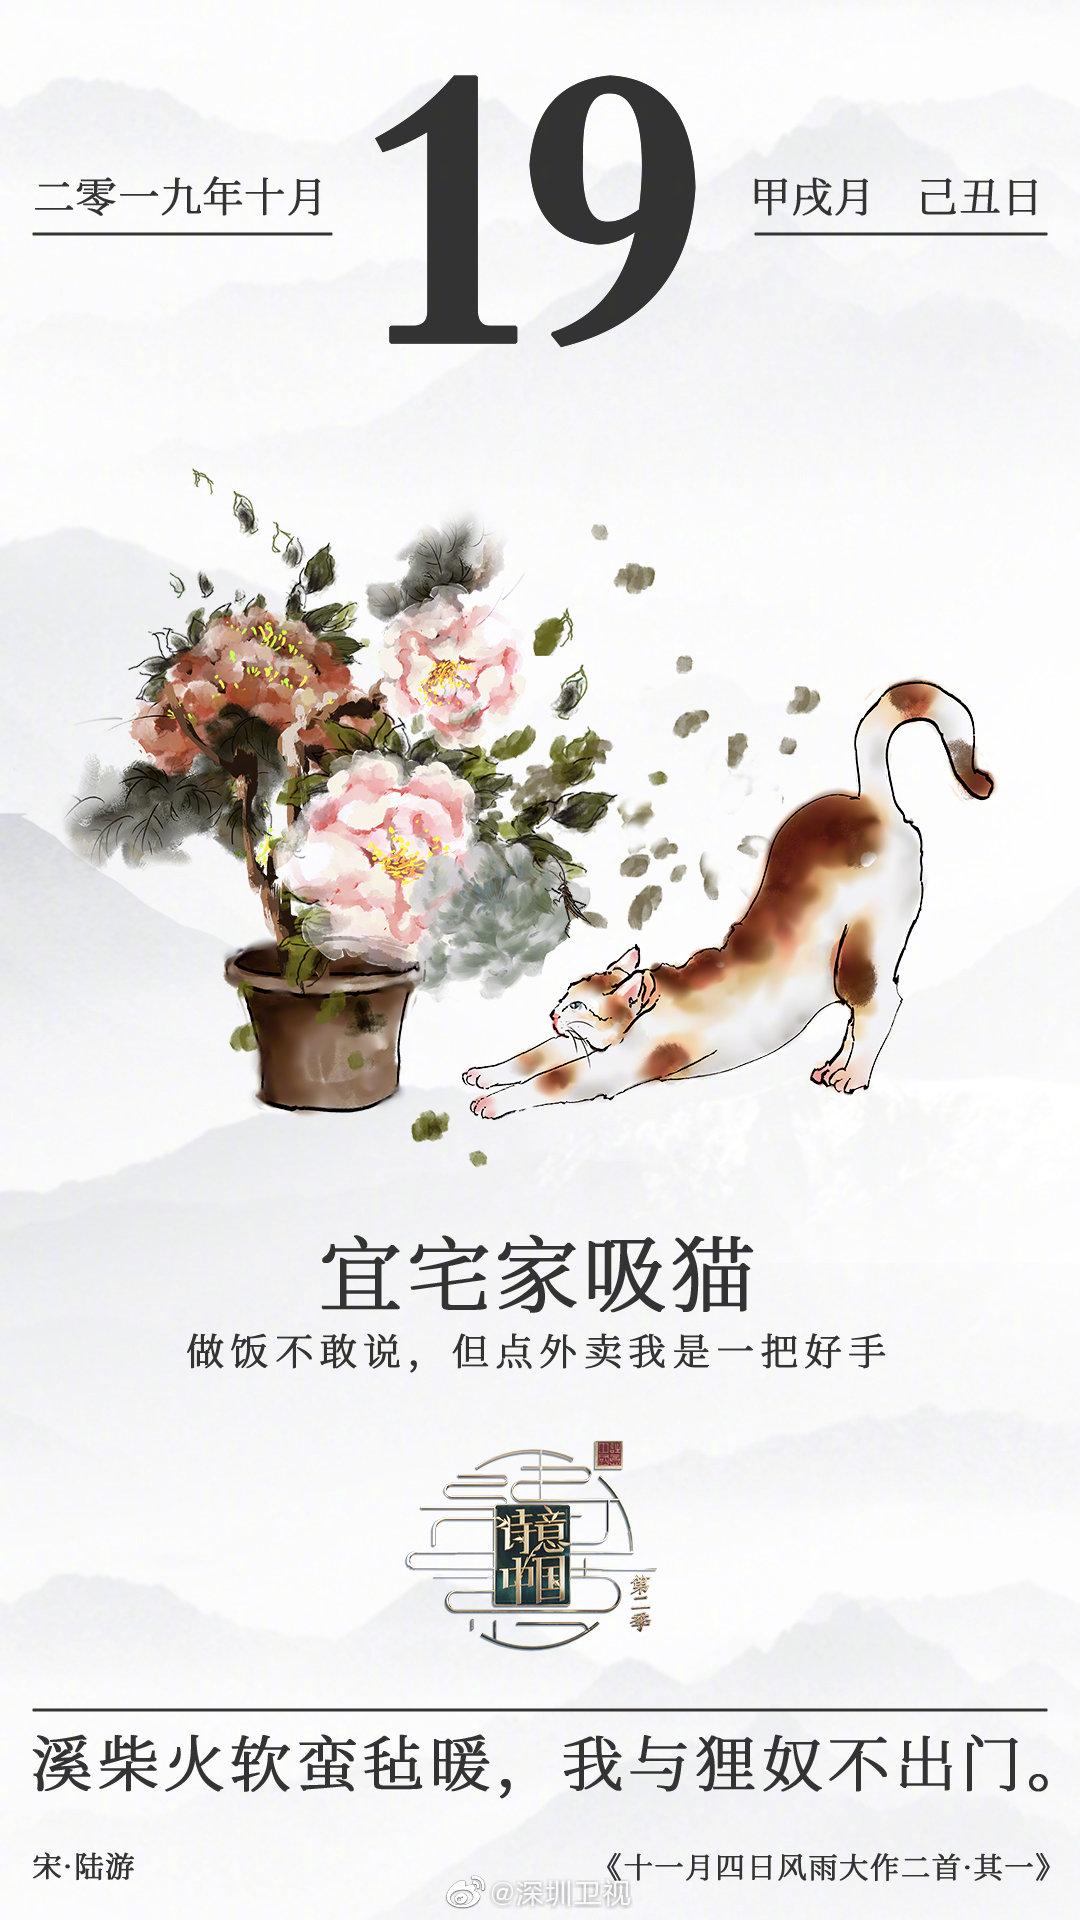 诗意单向历今日宜宅家吸猫深圳卫视《诗意中国》第二季营